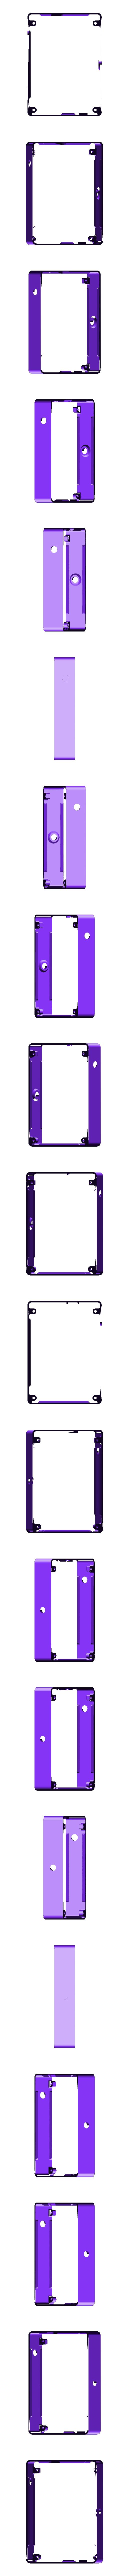 pyp-box.stl Download free STL file PyPortal Case • Object to 3D print, Adafruit